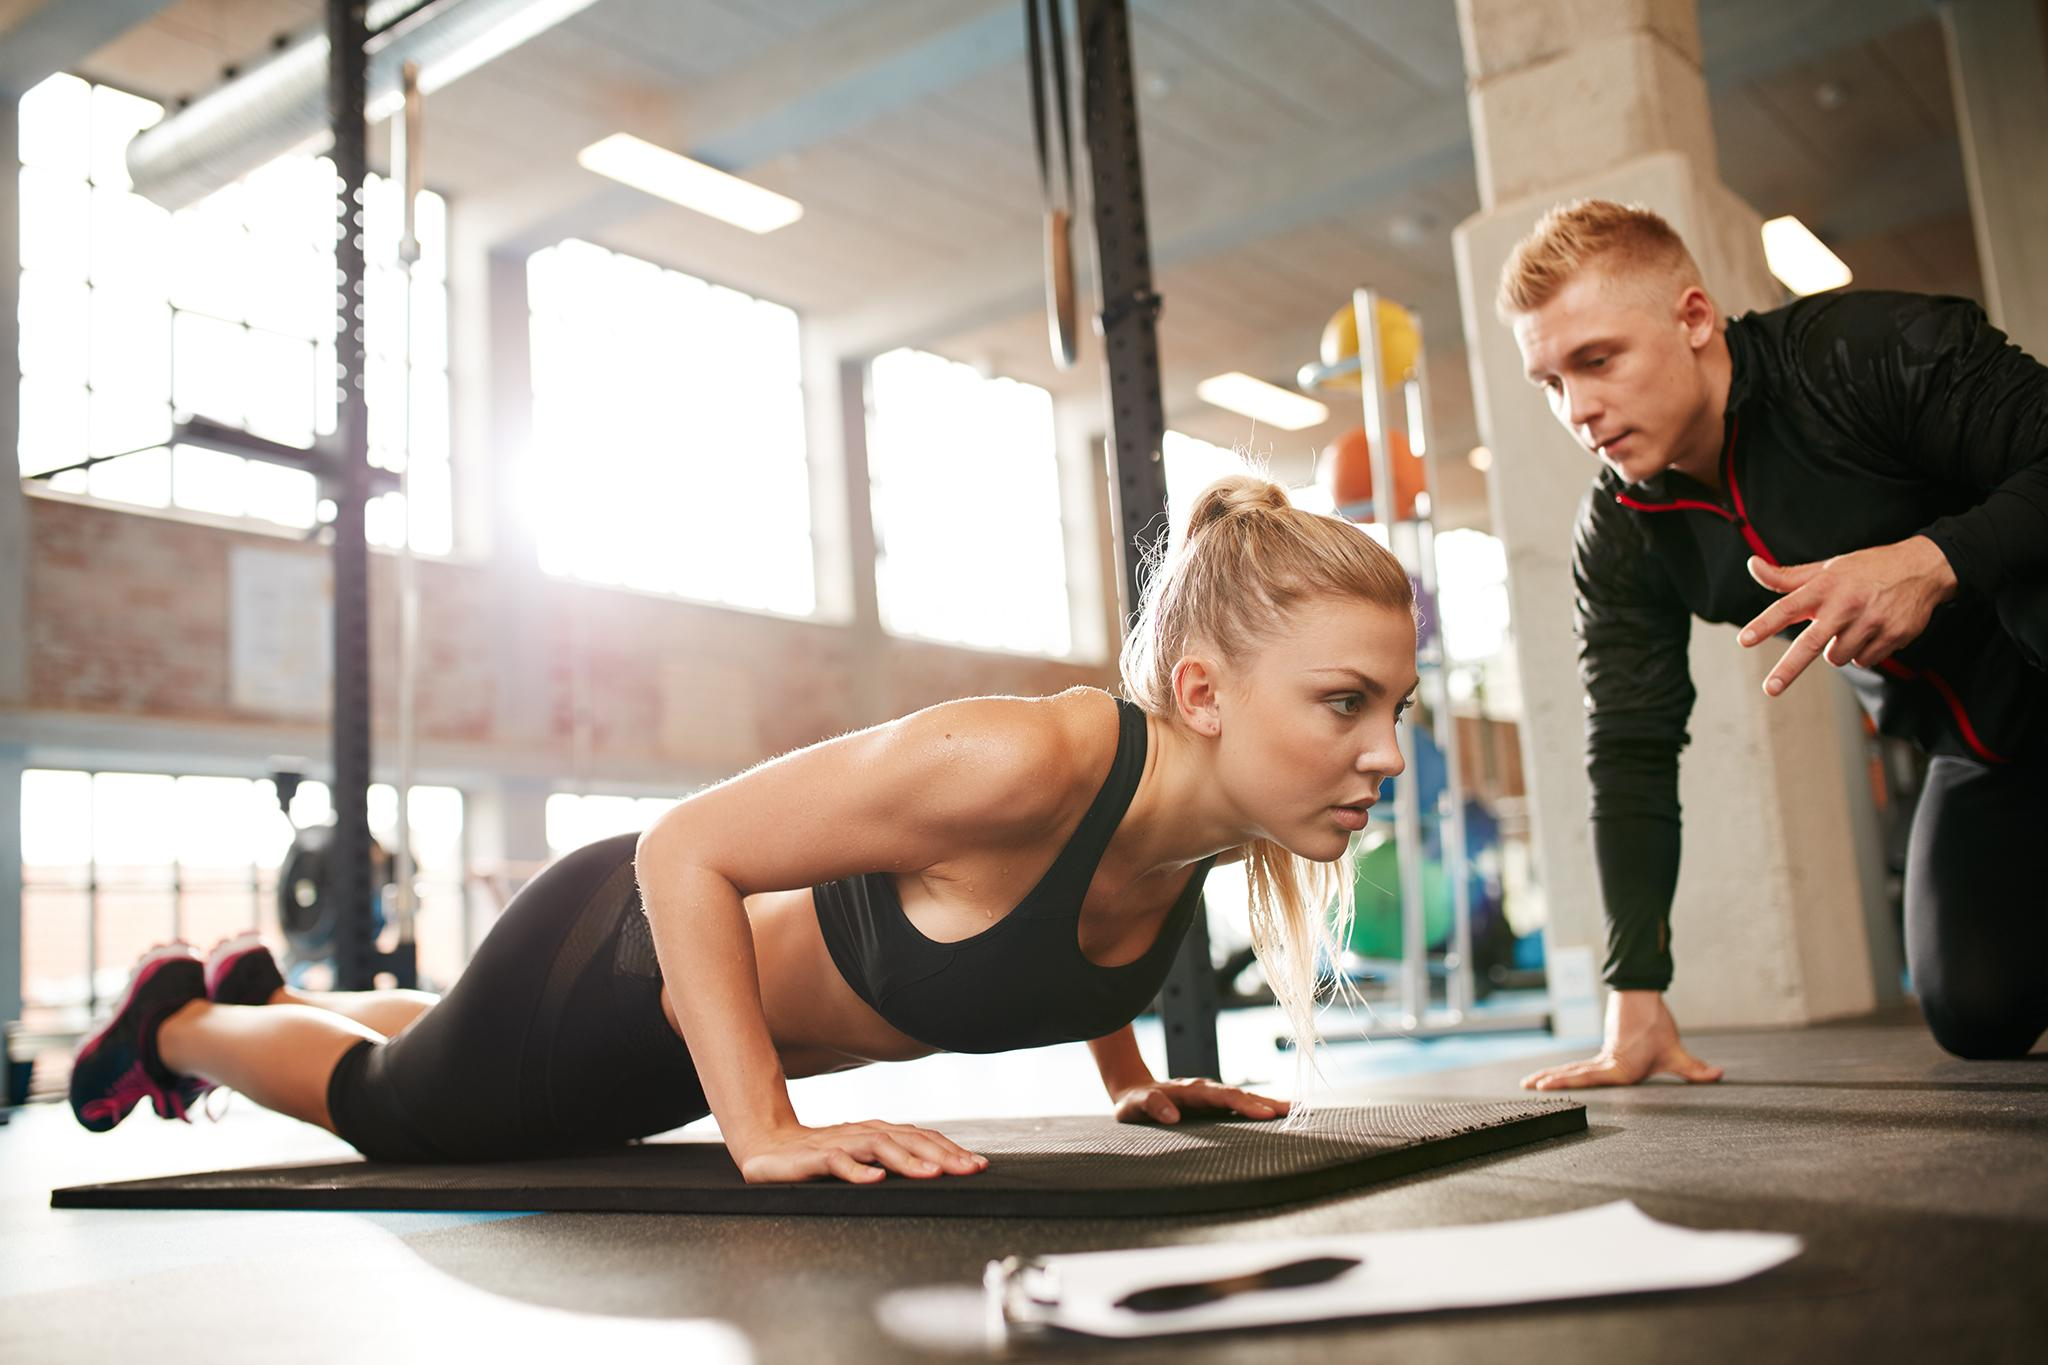 Персональный тренер, поощряющий пациента к участию в упражнениях на выносливость